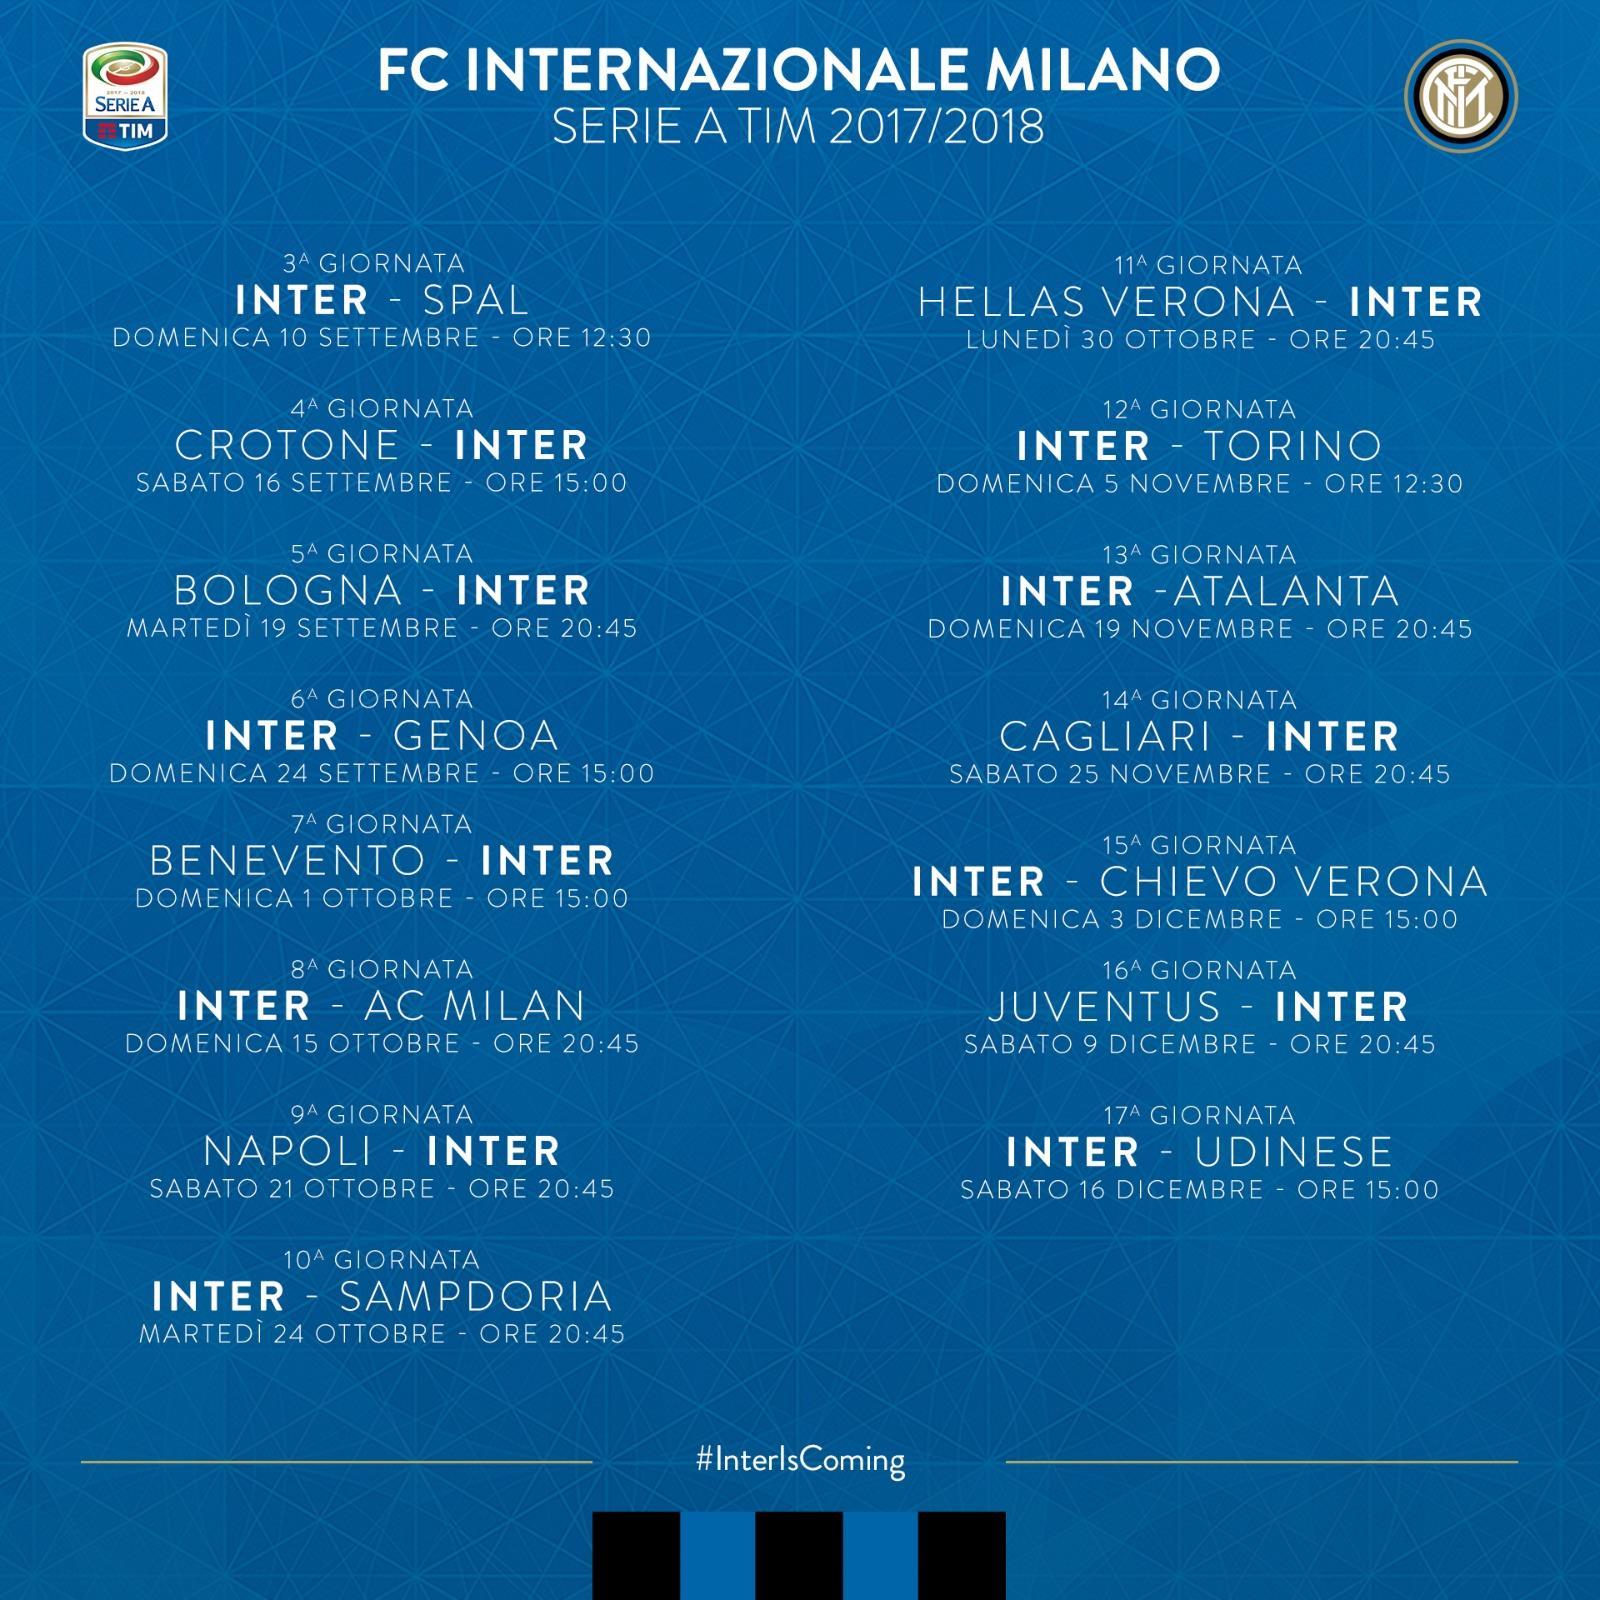 Calendario Serie A 15 Ottobre.Serie A Il Calendario Nerazzurro Fino Alla 17 Giornata